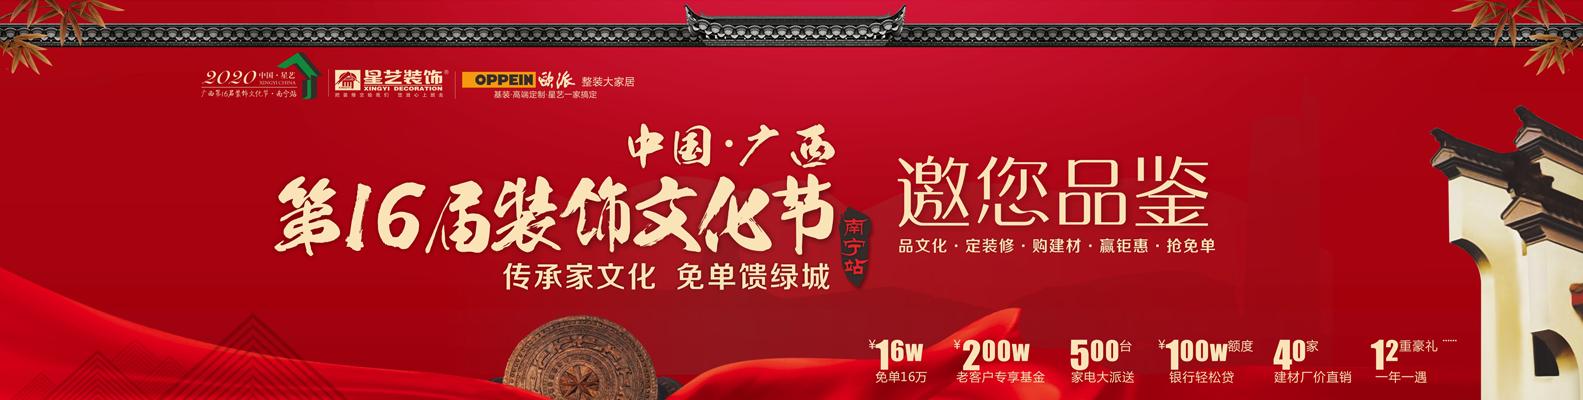 中国星艺广西第16届装饰文化节(南宁站)